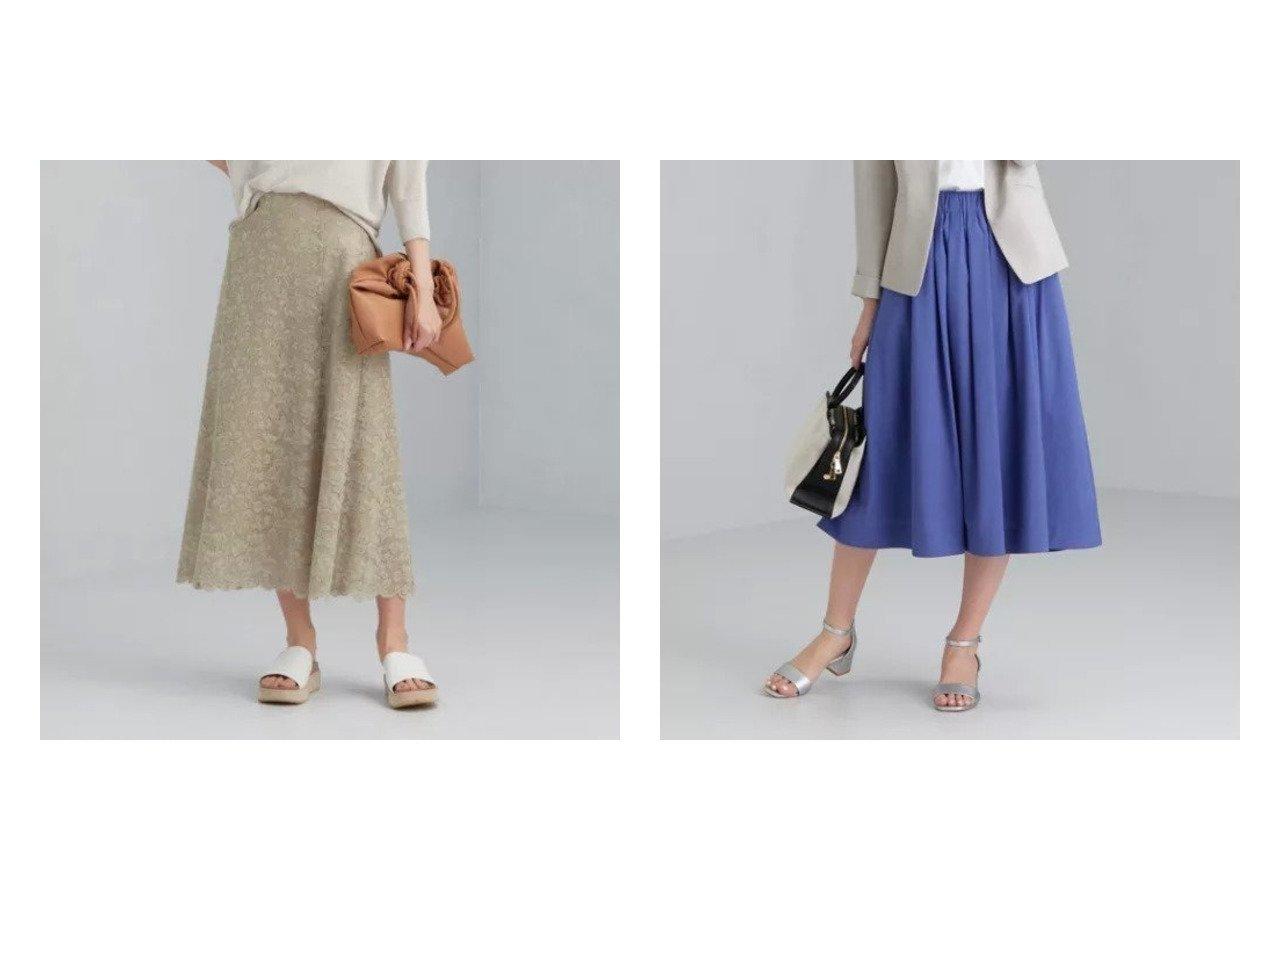 【green label relaxing / UNITED ARROWS/グリーンレーベル リラクシング / ユナイテッドアローズ】のCS P ブロード タック フレア MID スカート&FFC クラフト レース セミフレア スカート 【スカート】おすすめ!人気、トレンド・レディースファッションの通販 おすすめで人気の流行・トレンド、ファッションの通販商品 インテリア・家具・メンズファッション・キッズファッション・レディースファッション・服の通販 founy(ファニー) https://founy.com/ ファッション Fashion レディースファッション WOMEN スカート Skirt Aライン/フレアスカート Flared A-Line Skirts おすすめ Recommend シンプル フレア ブロード 春 Spring クラシカル サマー ショート スカラップ フェミニン マキシ レース ロング |ID:crp329100000040819